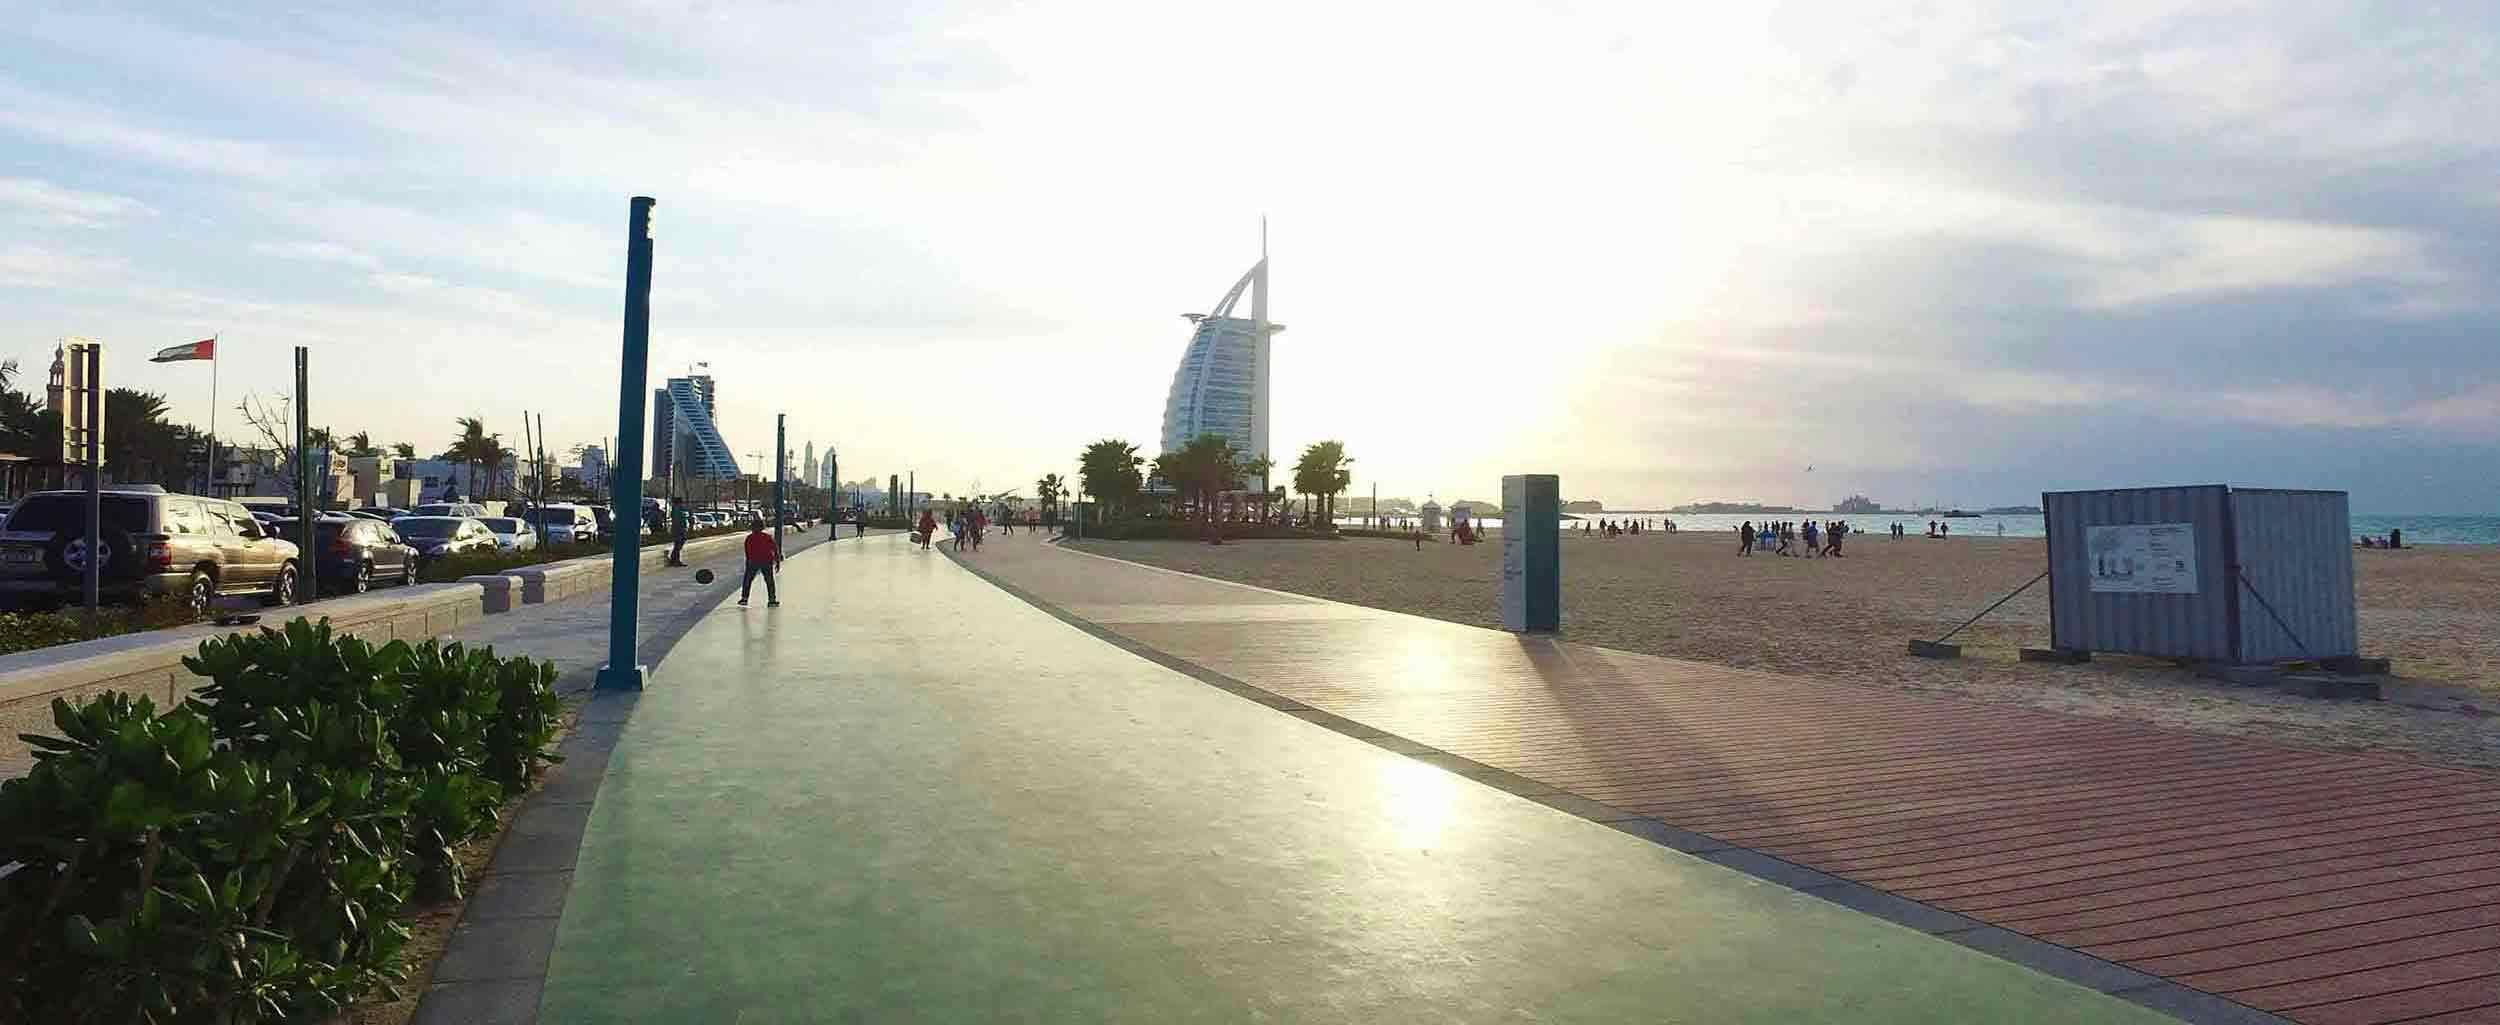 Jumeirah Beach Corniche